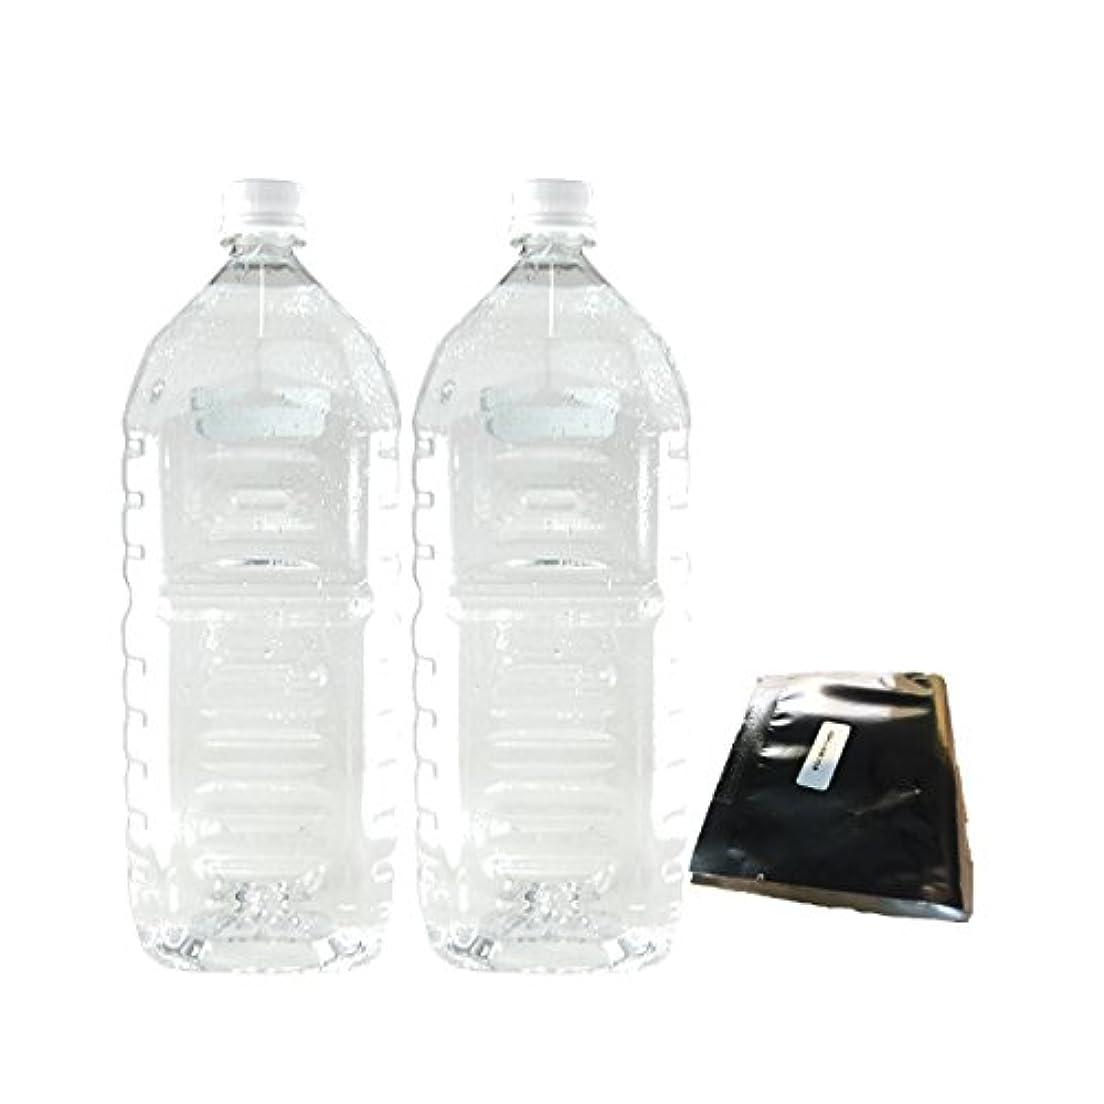 十分な取る拍手お徳用クリアローション 2Lペットボトル ハードタイプ(5倍濃縮原液)【2本セット+★ミニ★ローション付】